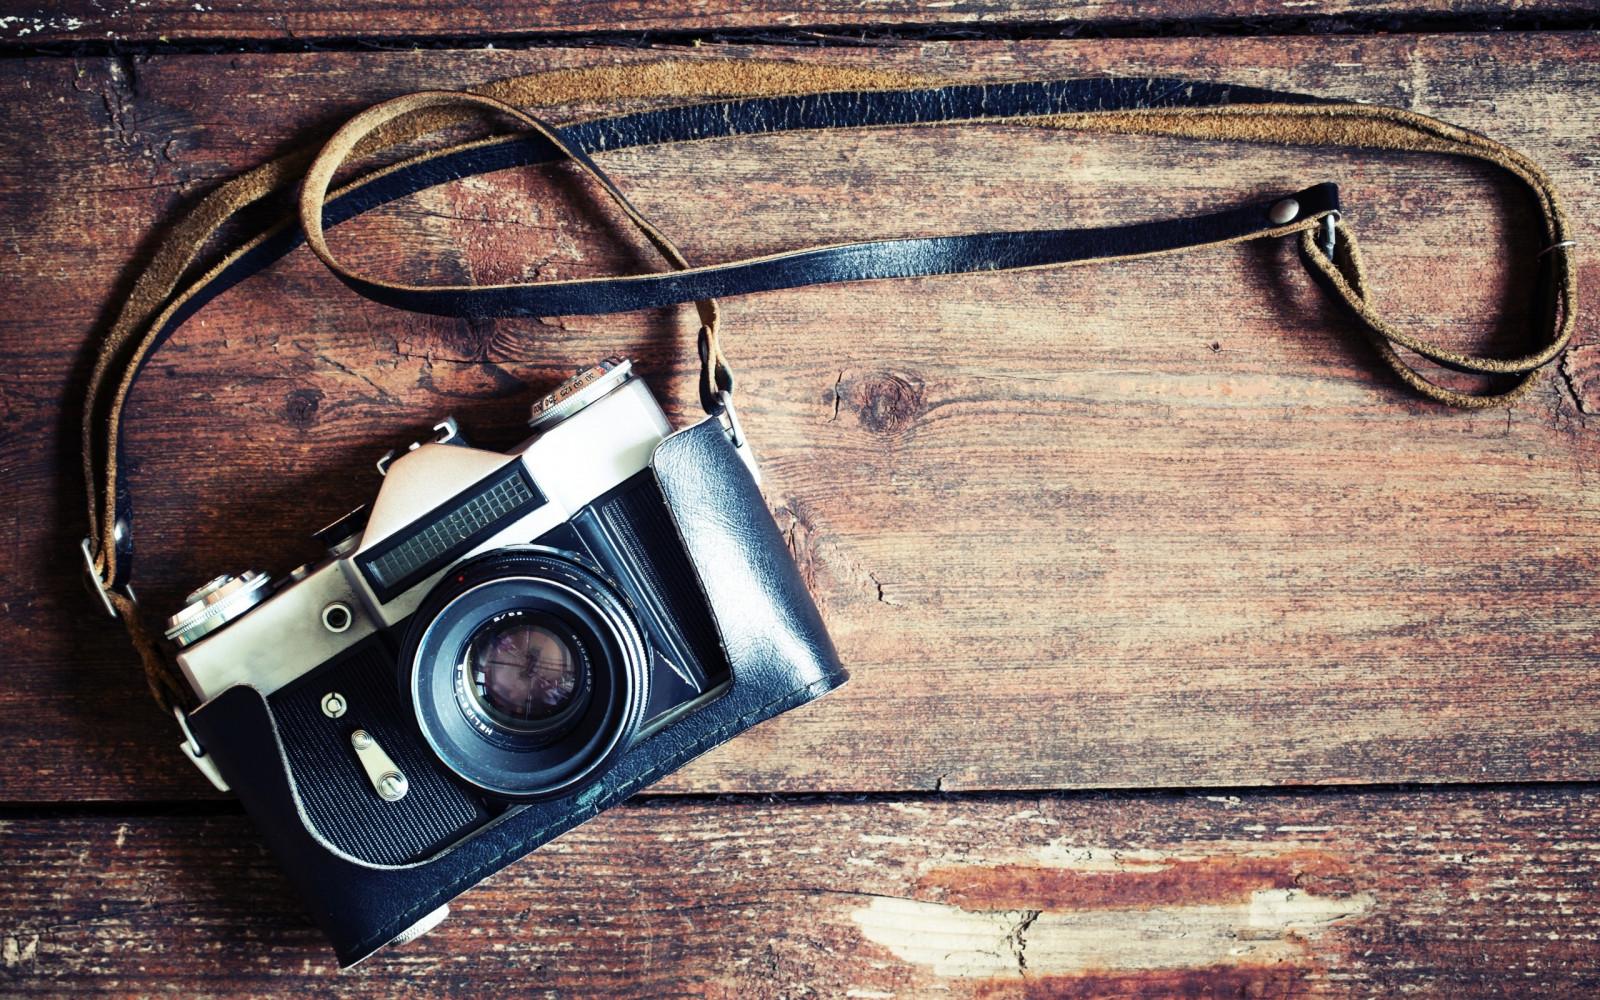 Бабочка, ретро картинки с фотоаппаратом